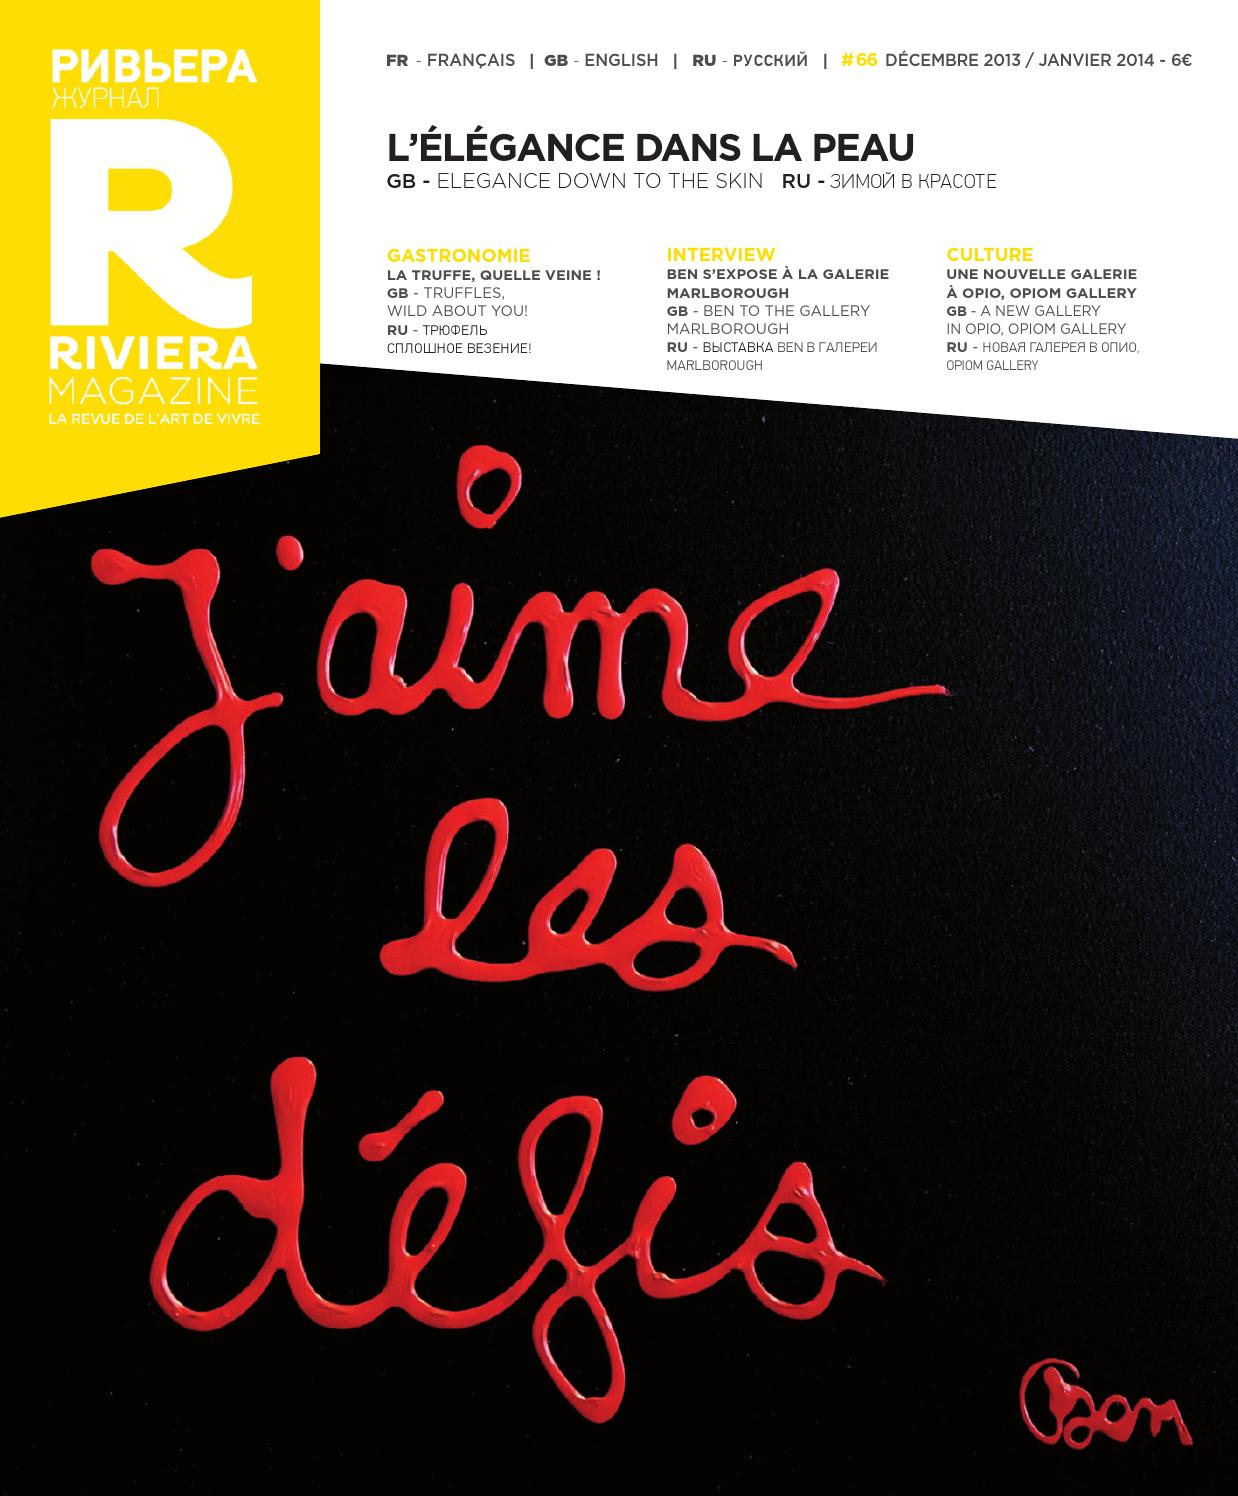 Riviera Magazine n°66 - Décembre 2013 by Riviera Magazine - issuu b6c9f49994e